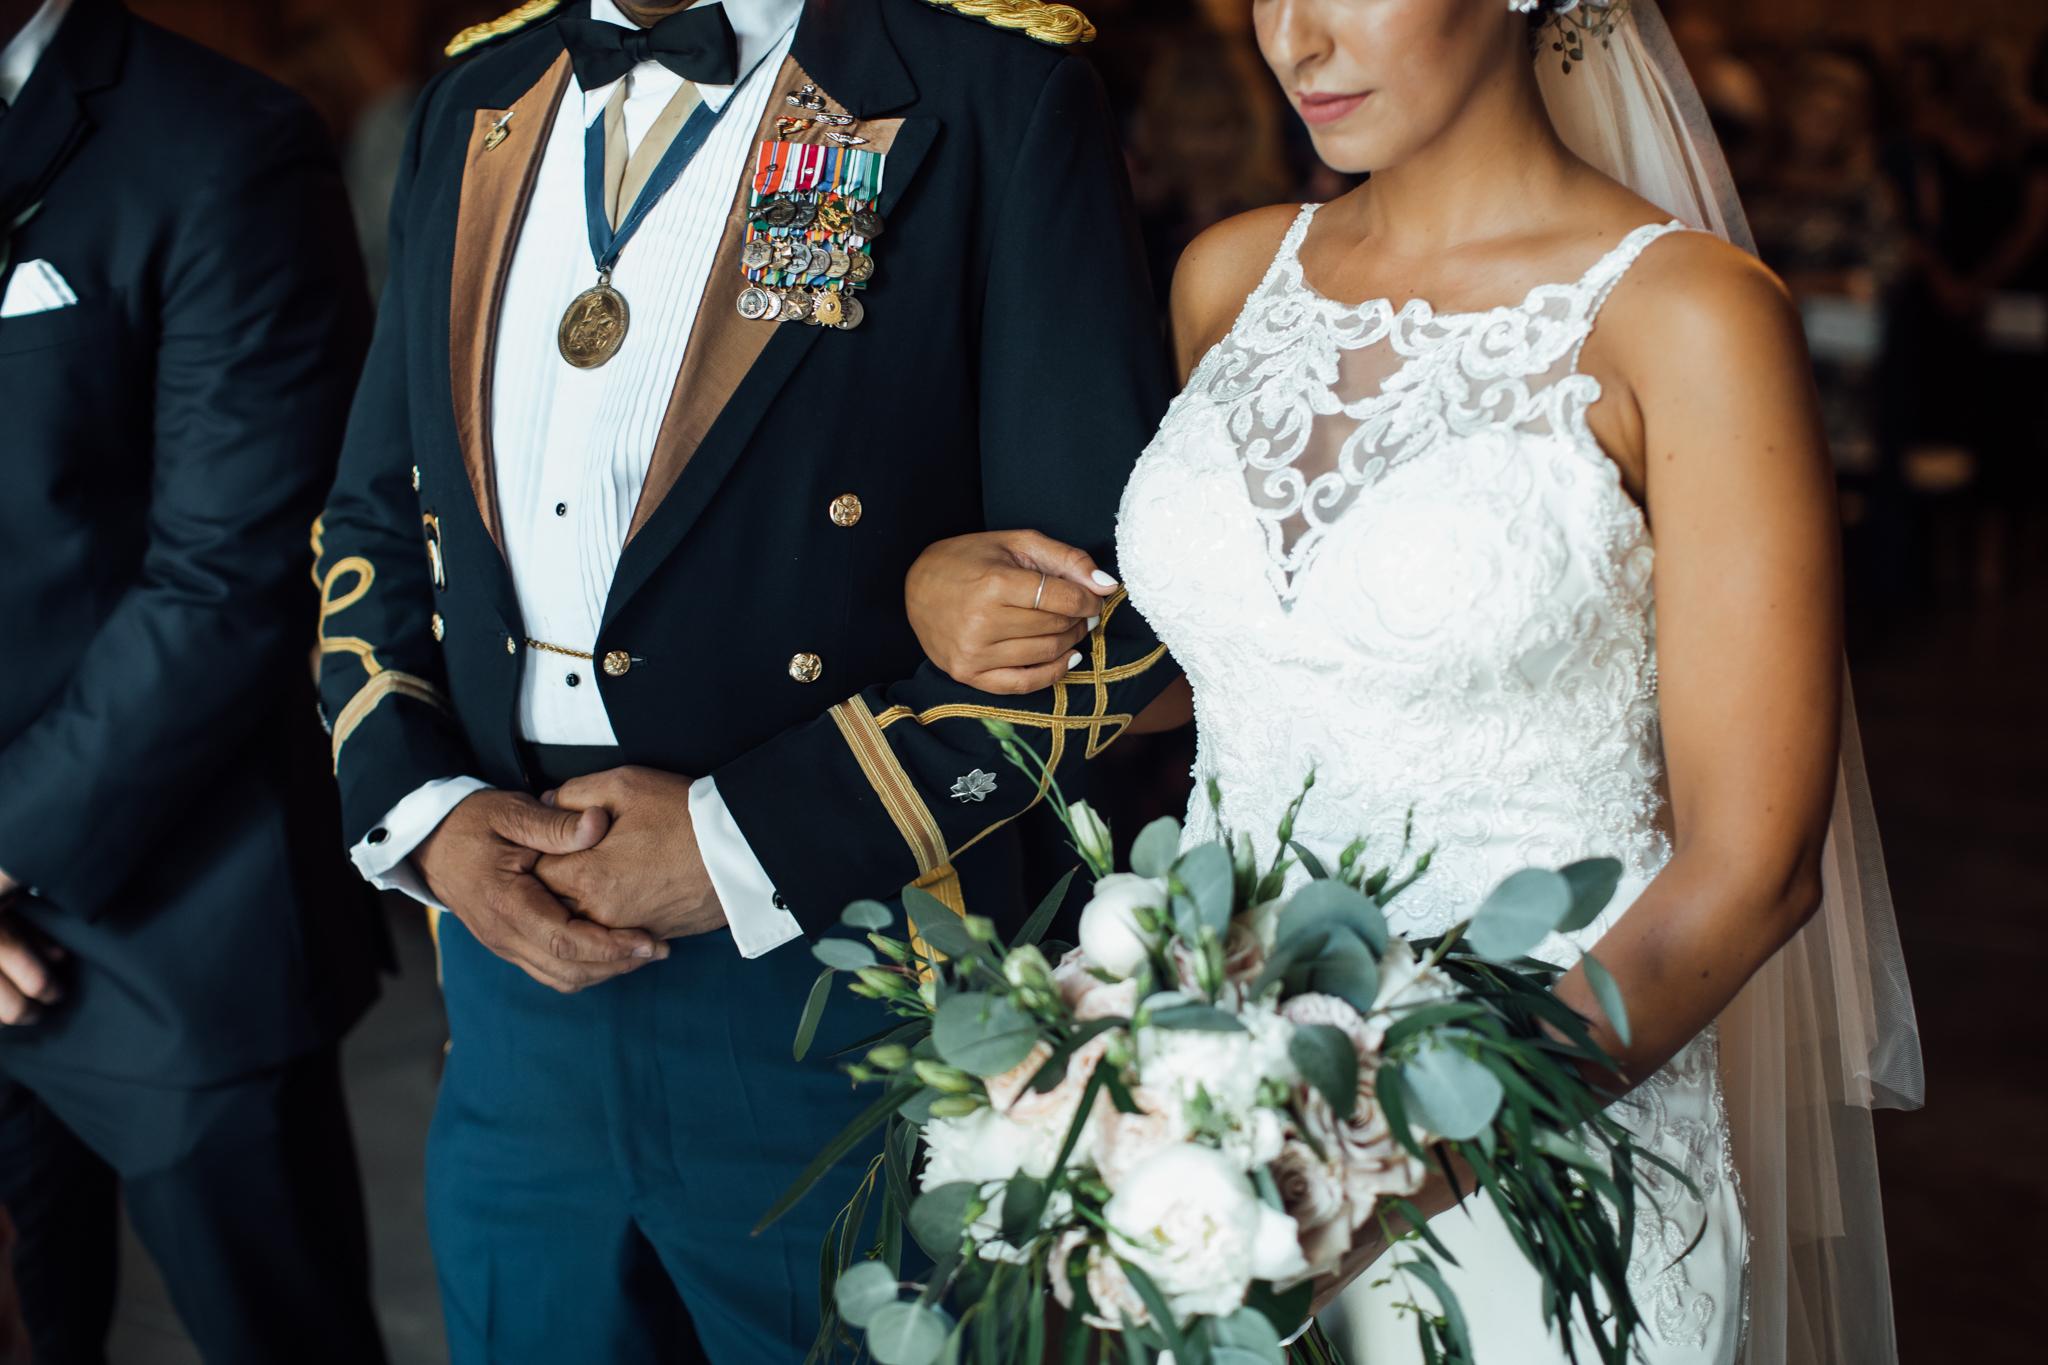 saddlewoodsfarms-nashville-wedding-photographer-thewarmtharoundyou-rustic-wedding (17 of 251).jpg